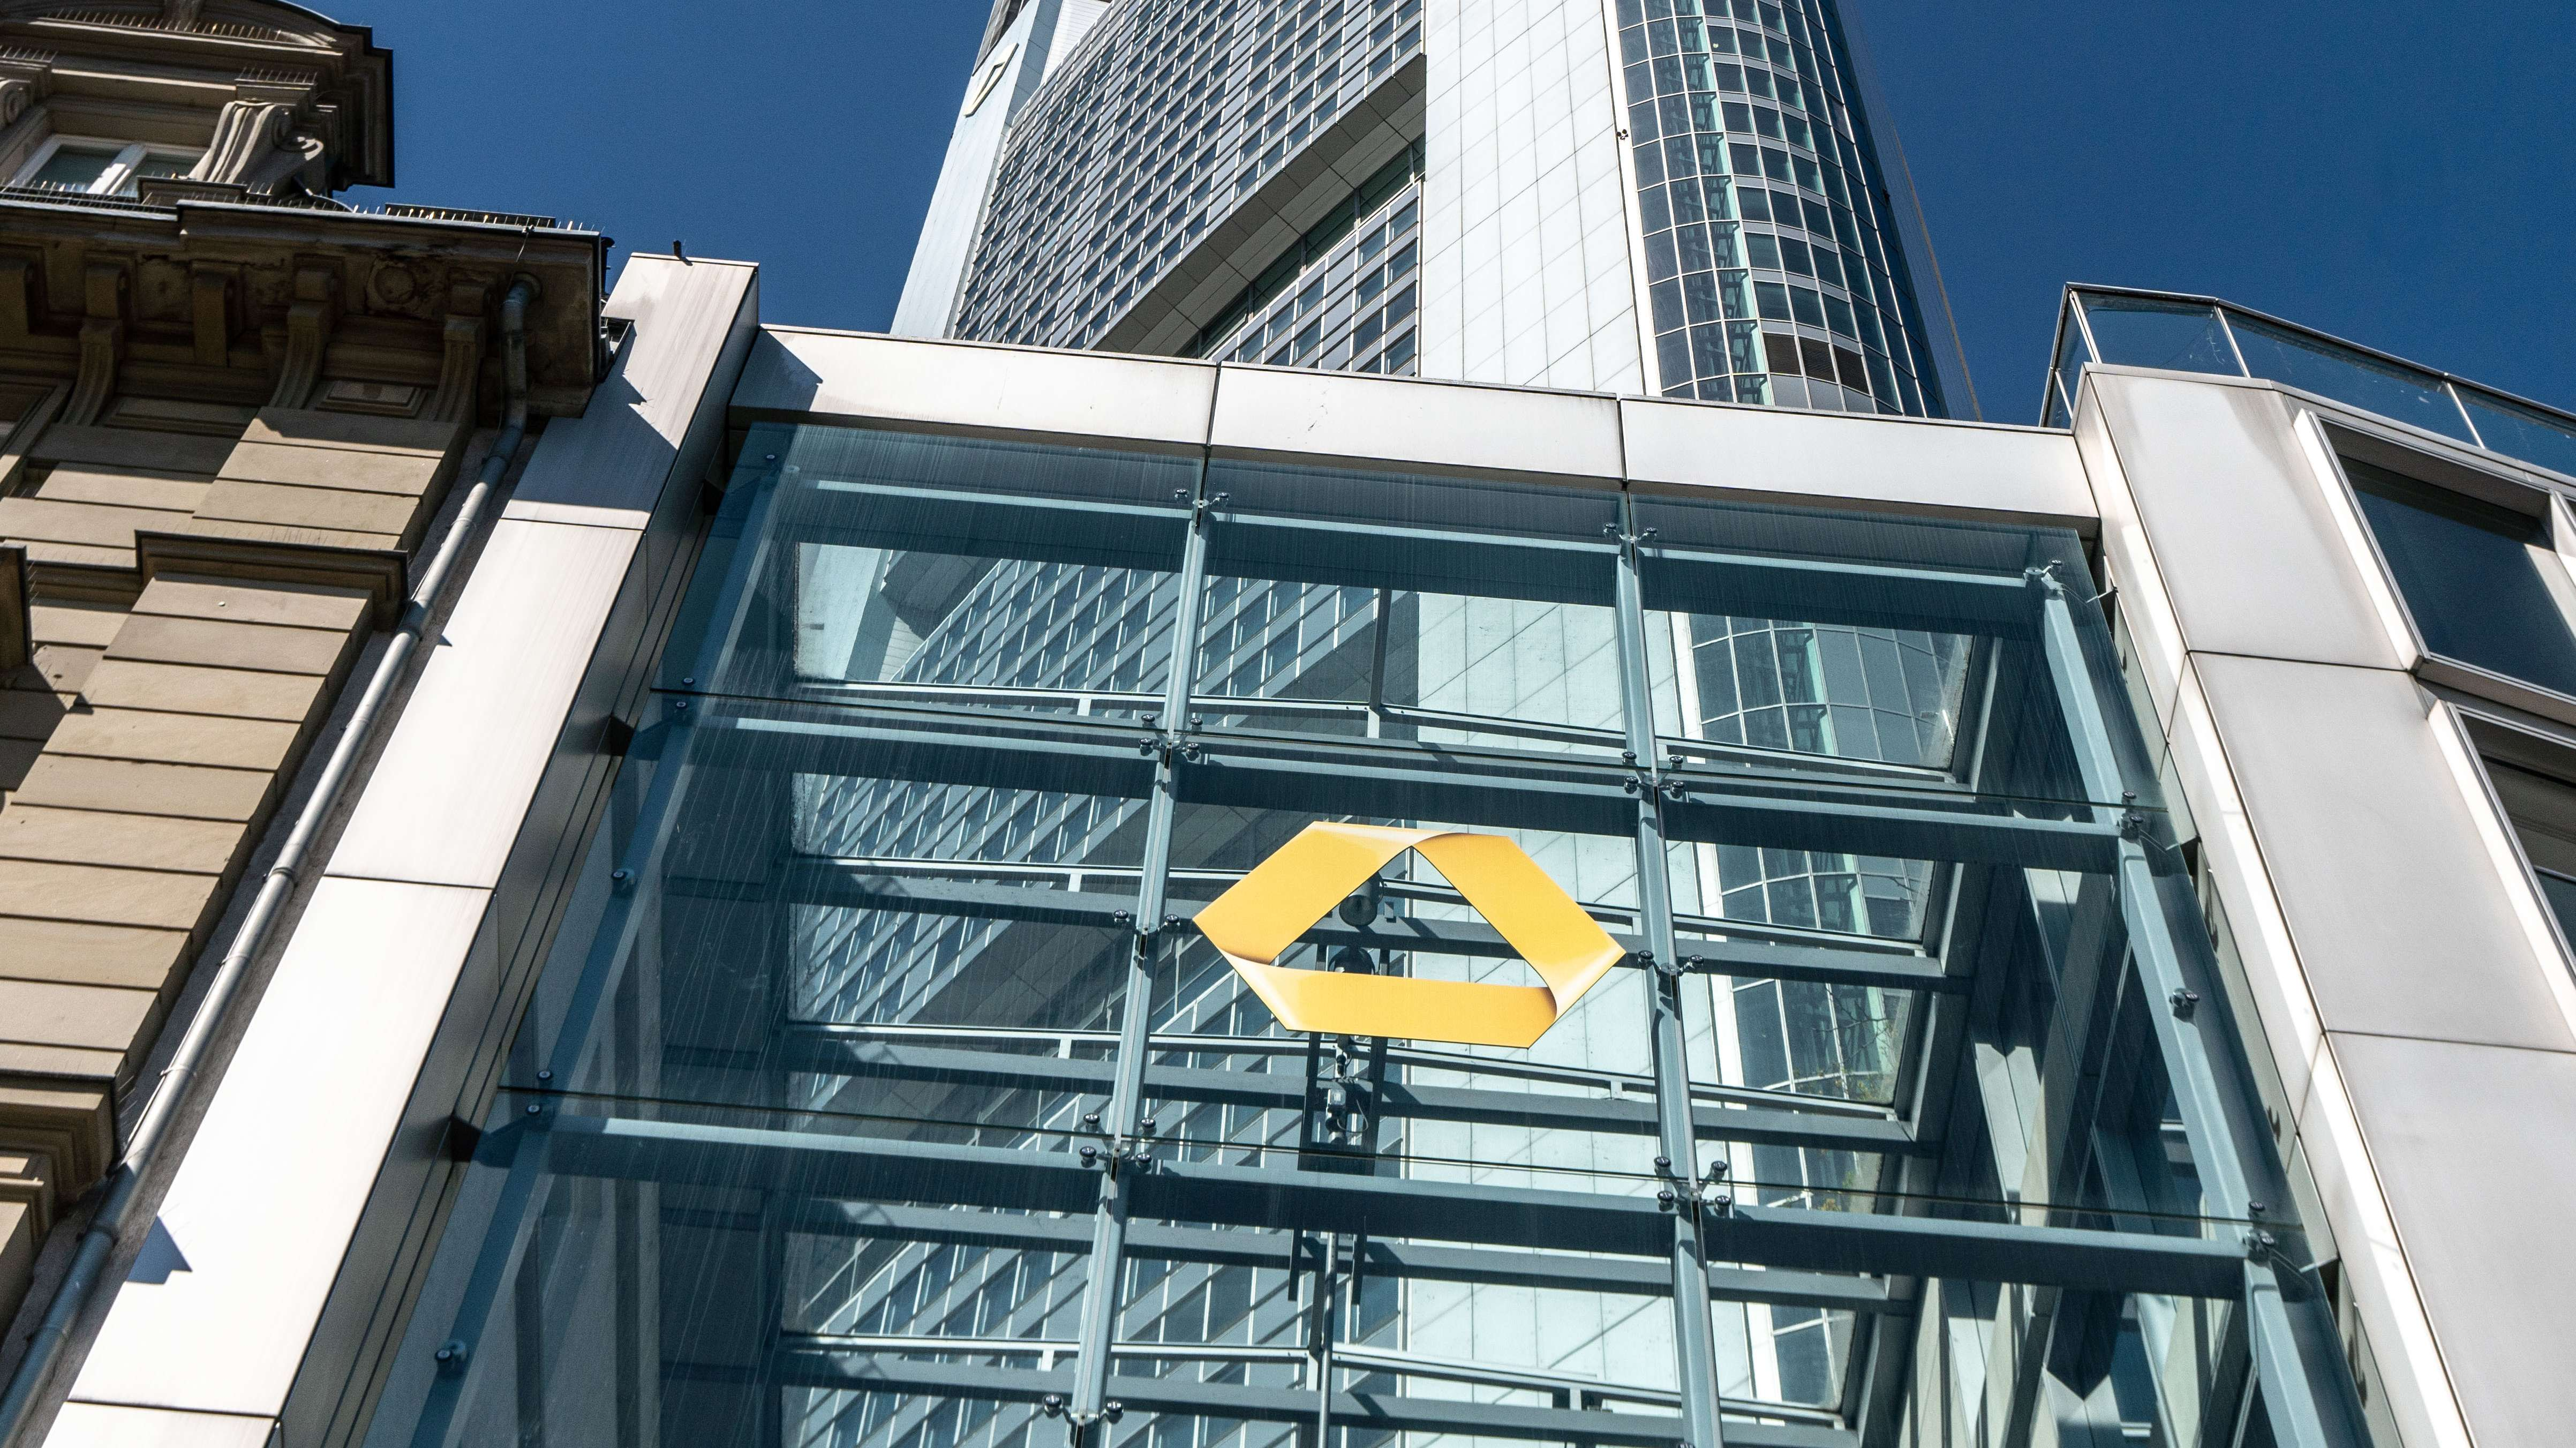 Die Zentrale der Commerzbank in Frankfurt mit dem Logo der Bank.